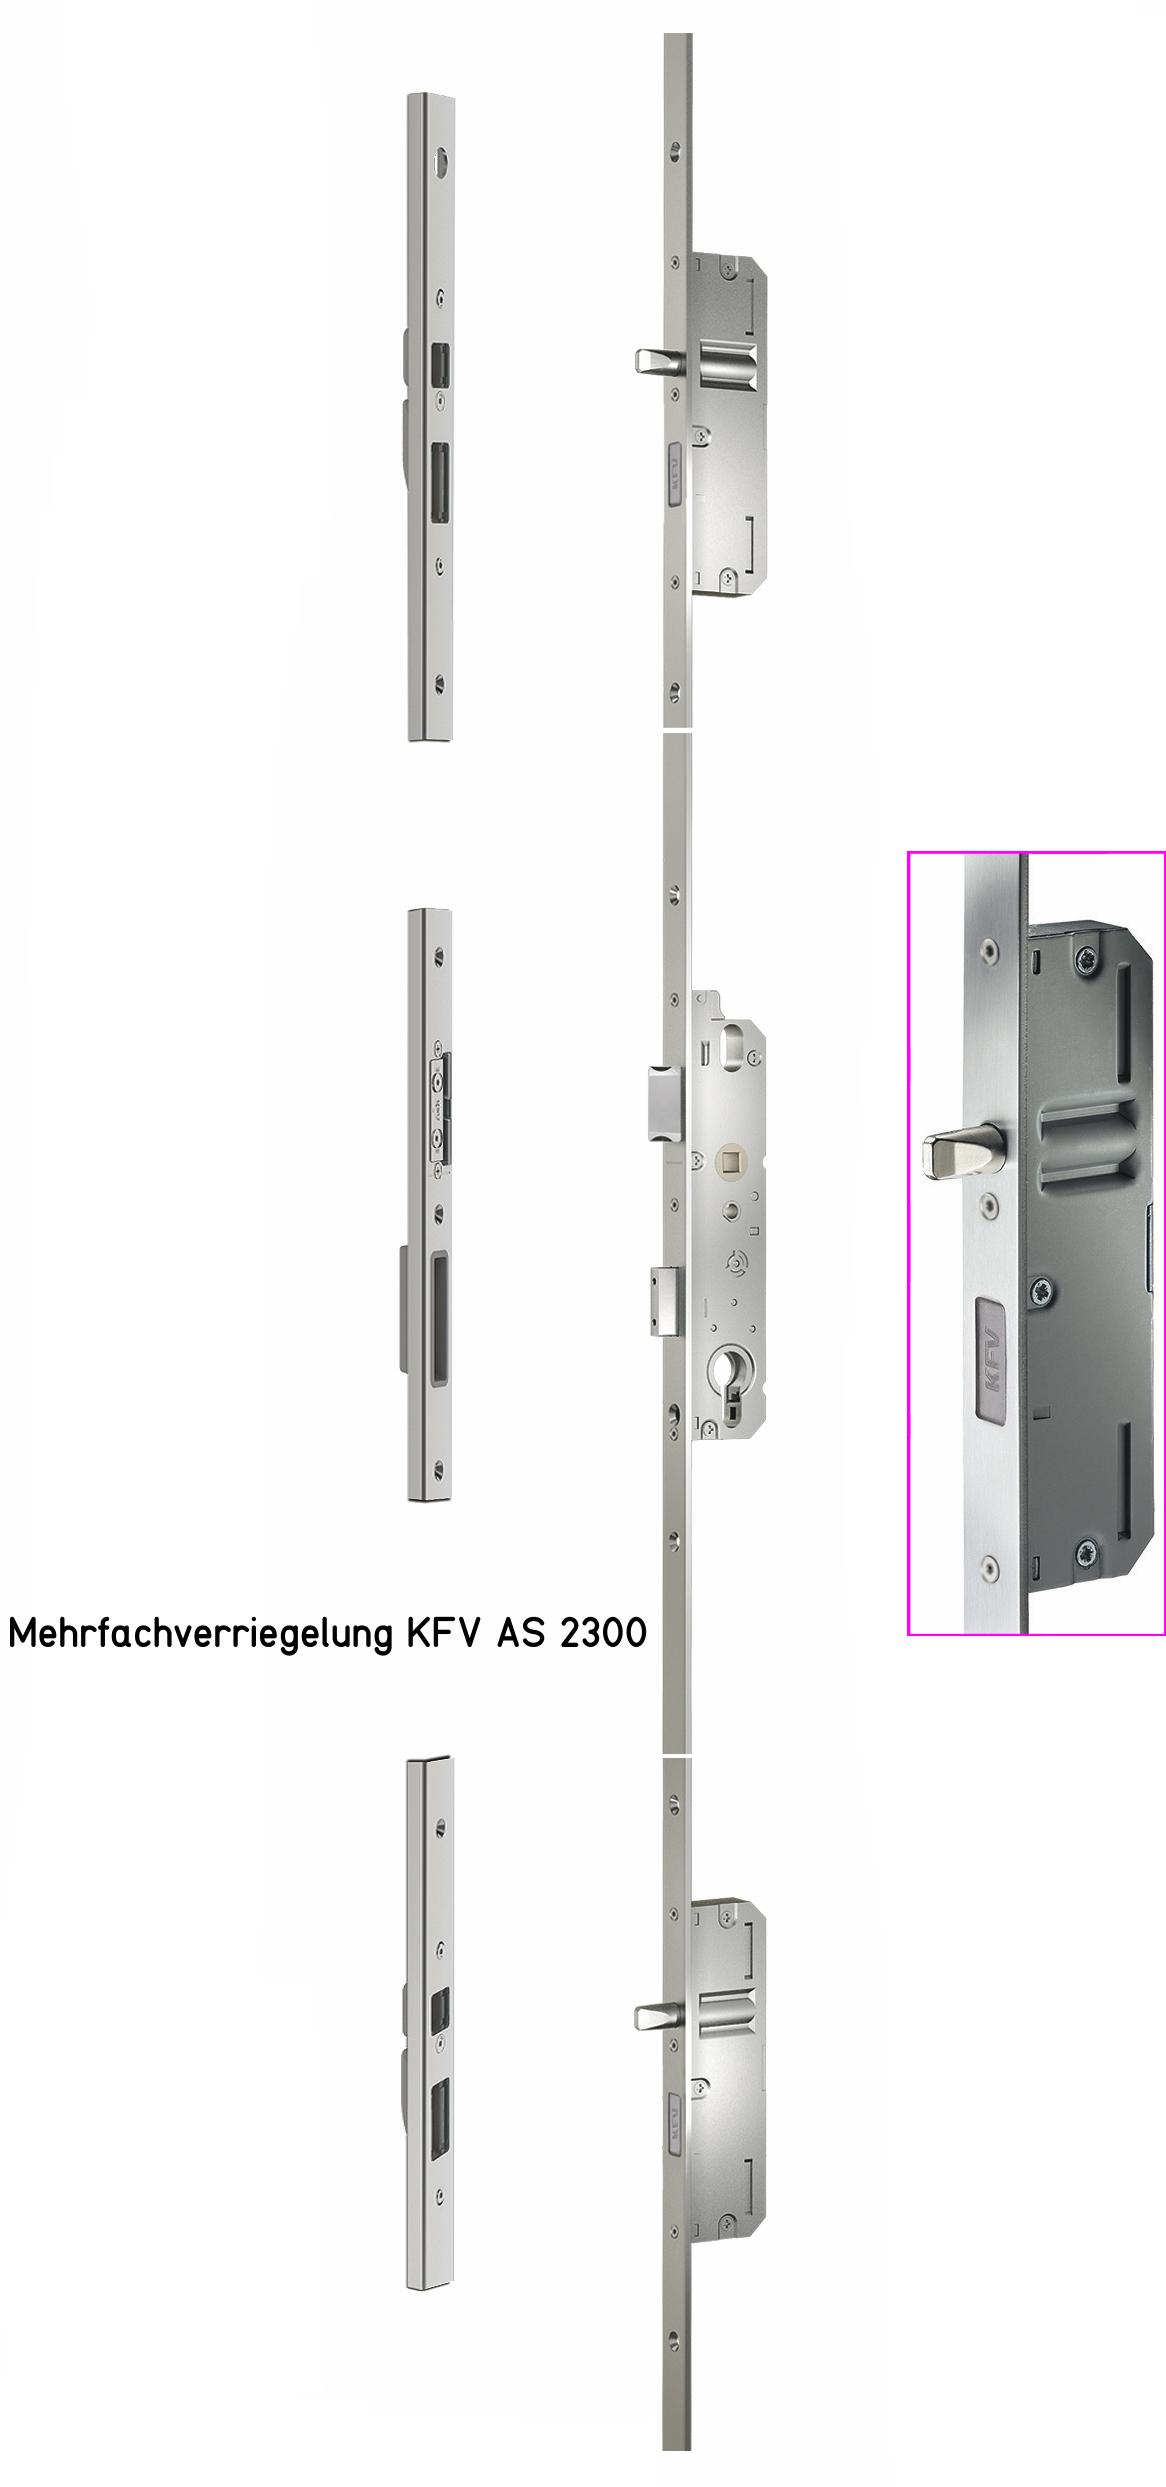 KFV_MFV_AS_2300_004